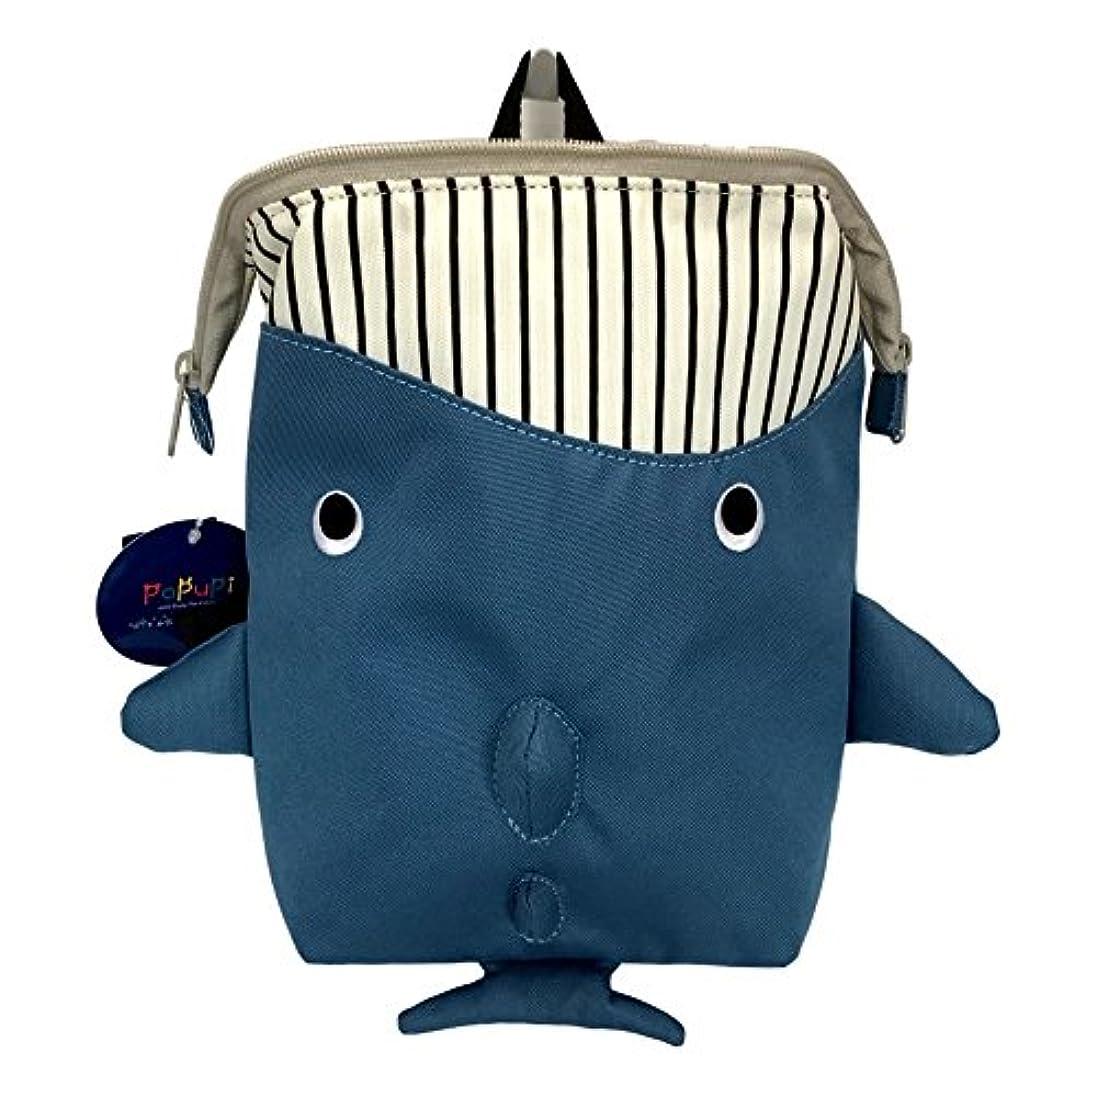 ランタンハブ素敵なPaPuPi パプピ クジラ Boy Blue ワイヤー付きリュック 3歳から5歳向き(ブルー)